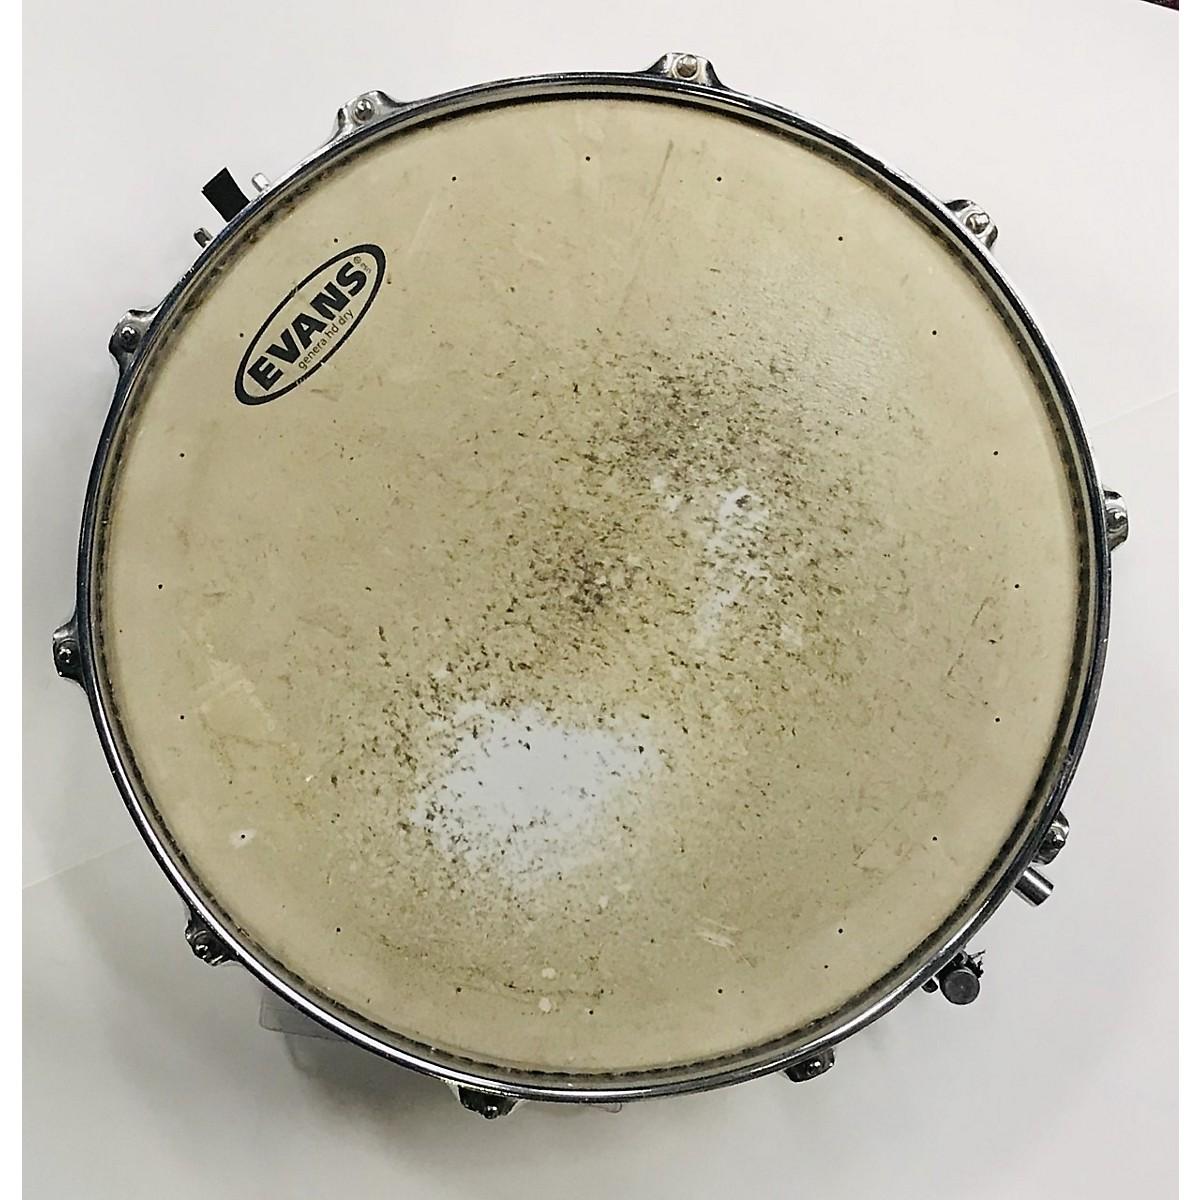 Slingerland 1992 4.5X14 Robert R Keller Snare Drum